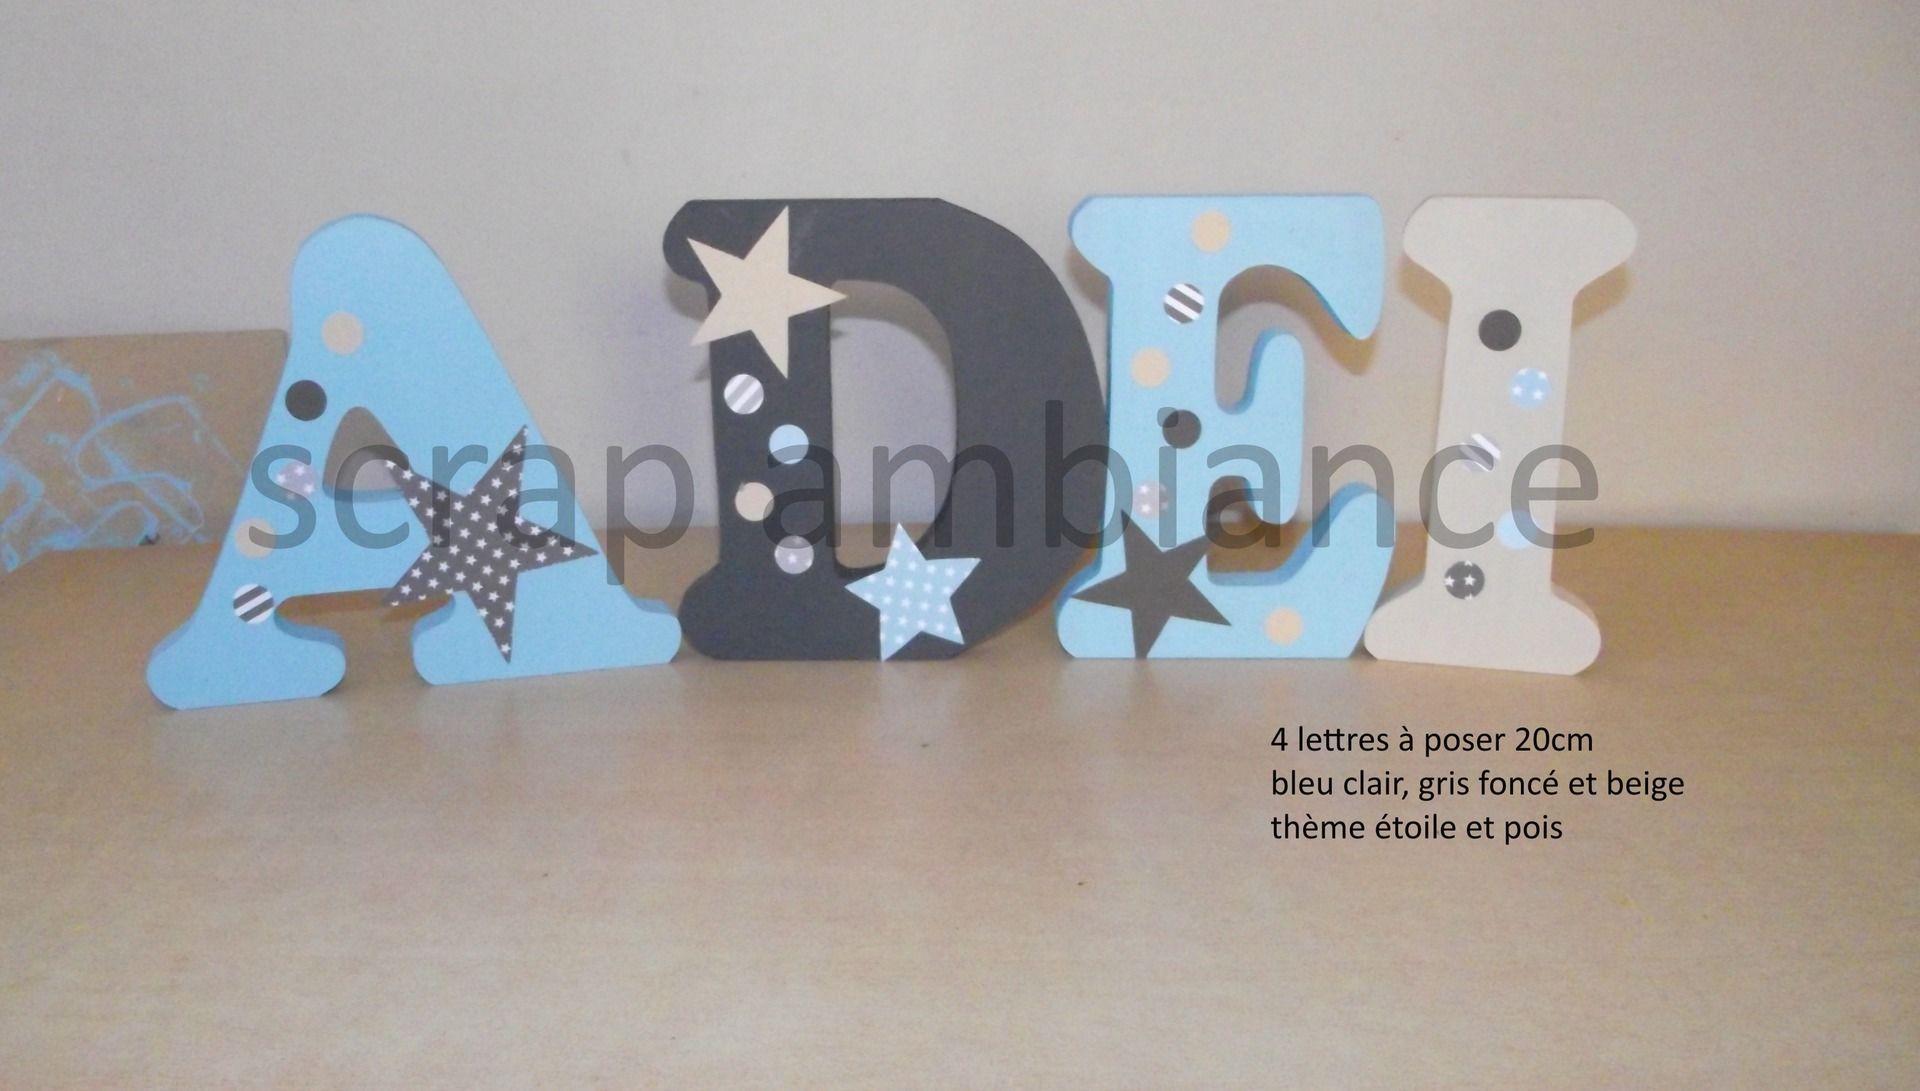 lettre en bois pr nom poser lettre poser. Black Bedroom Furniture Sets. Home Design Ideas